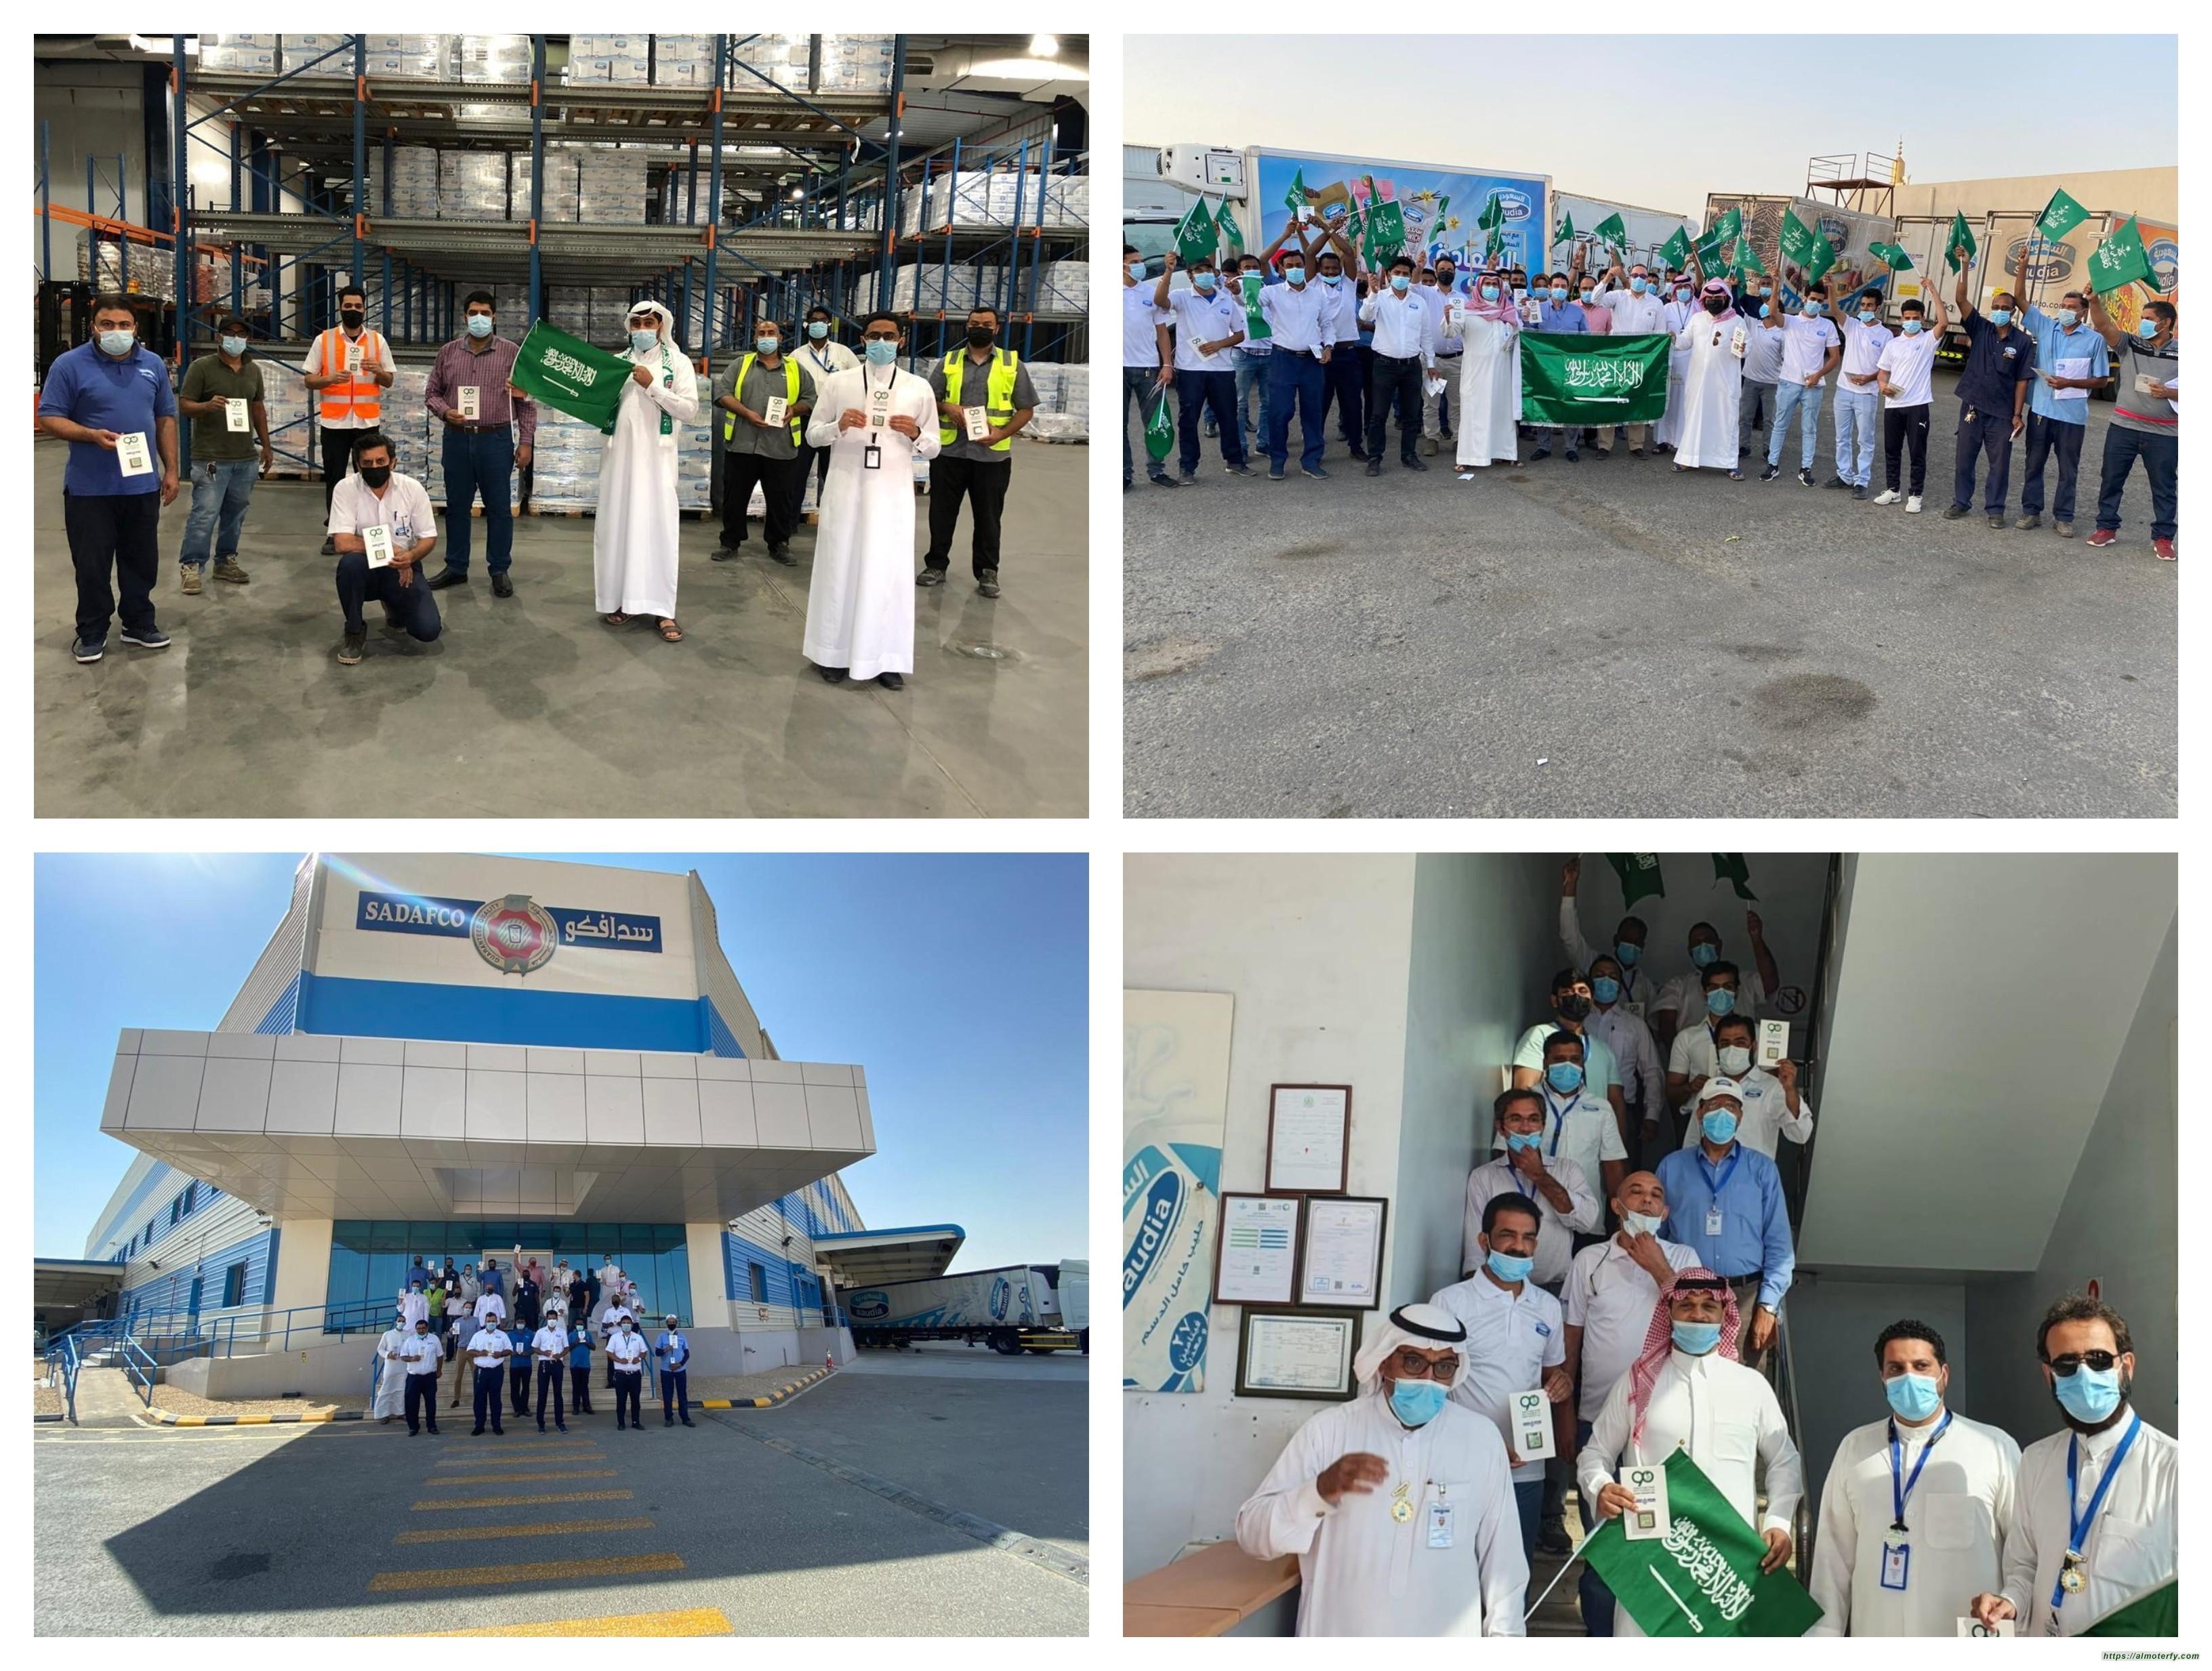 سدافكو تحتفل باليوم الوطني التسعين للمملكة العربية السعودية